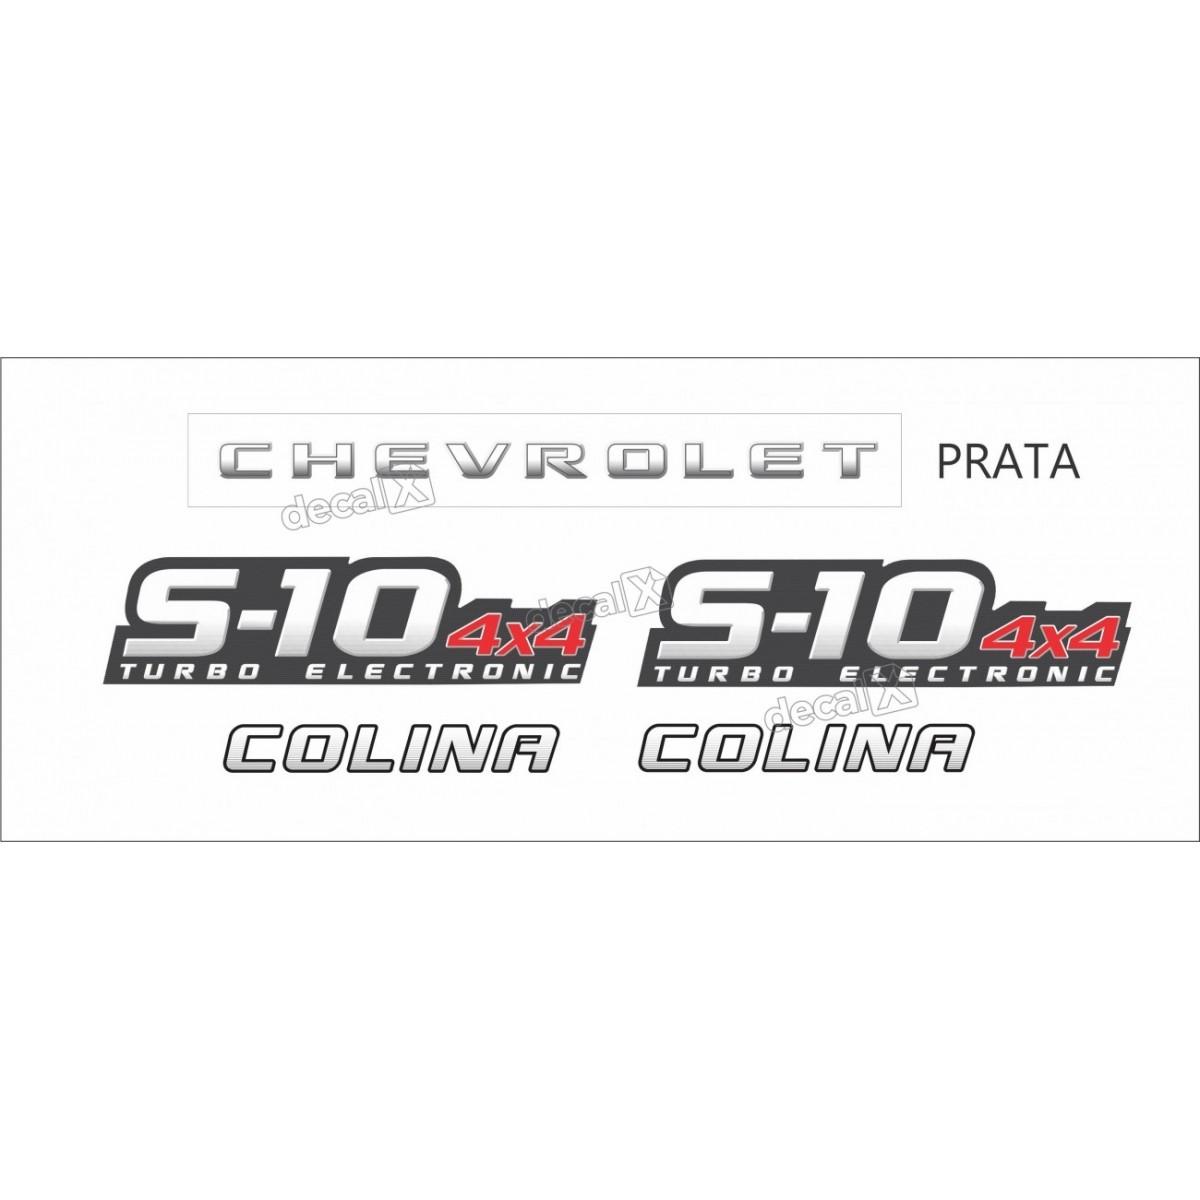 Faixa Adesivo Chevrolet S10 Colina 4x4 2009 A 2011 Prata